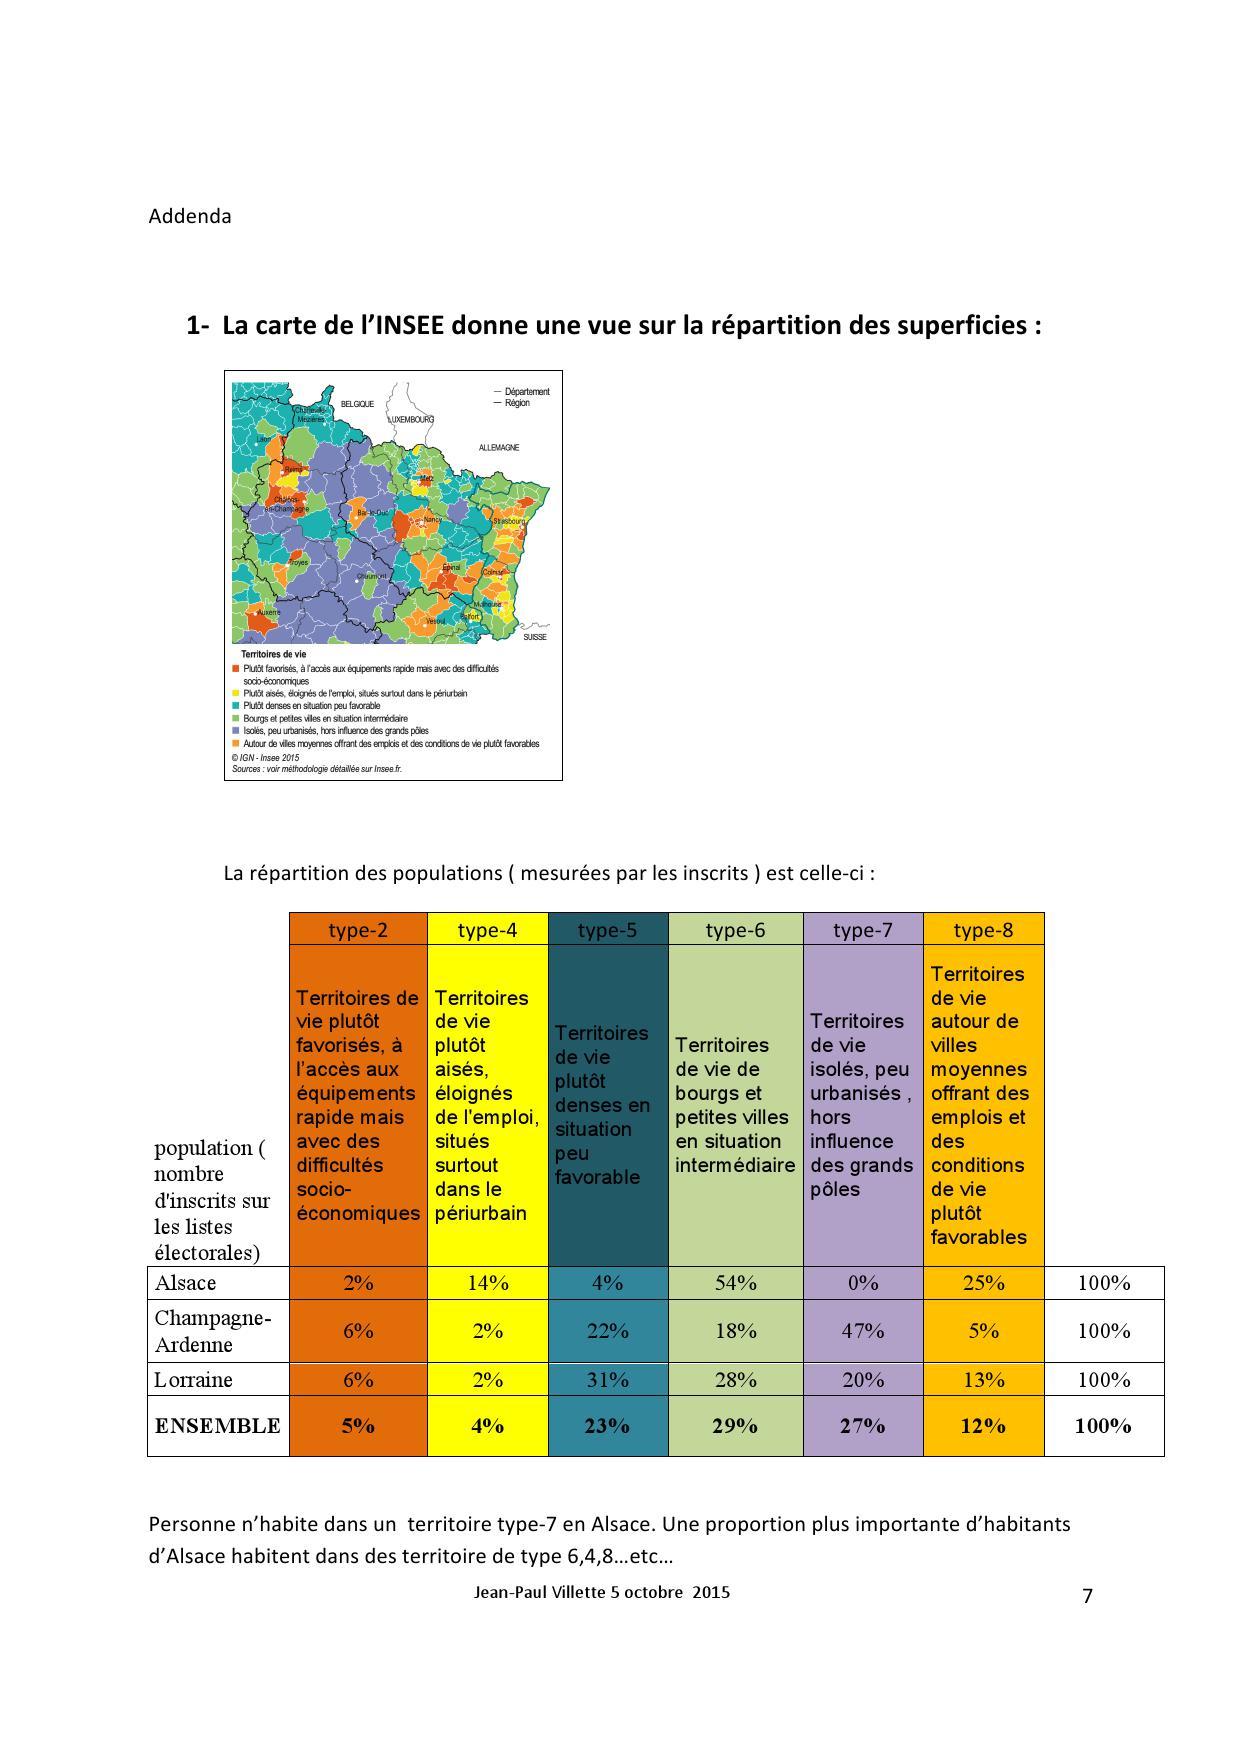 qualité de vie des territoires Jean-Paul Villette 4 octobre 2015_000007.jpg